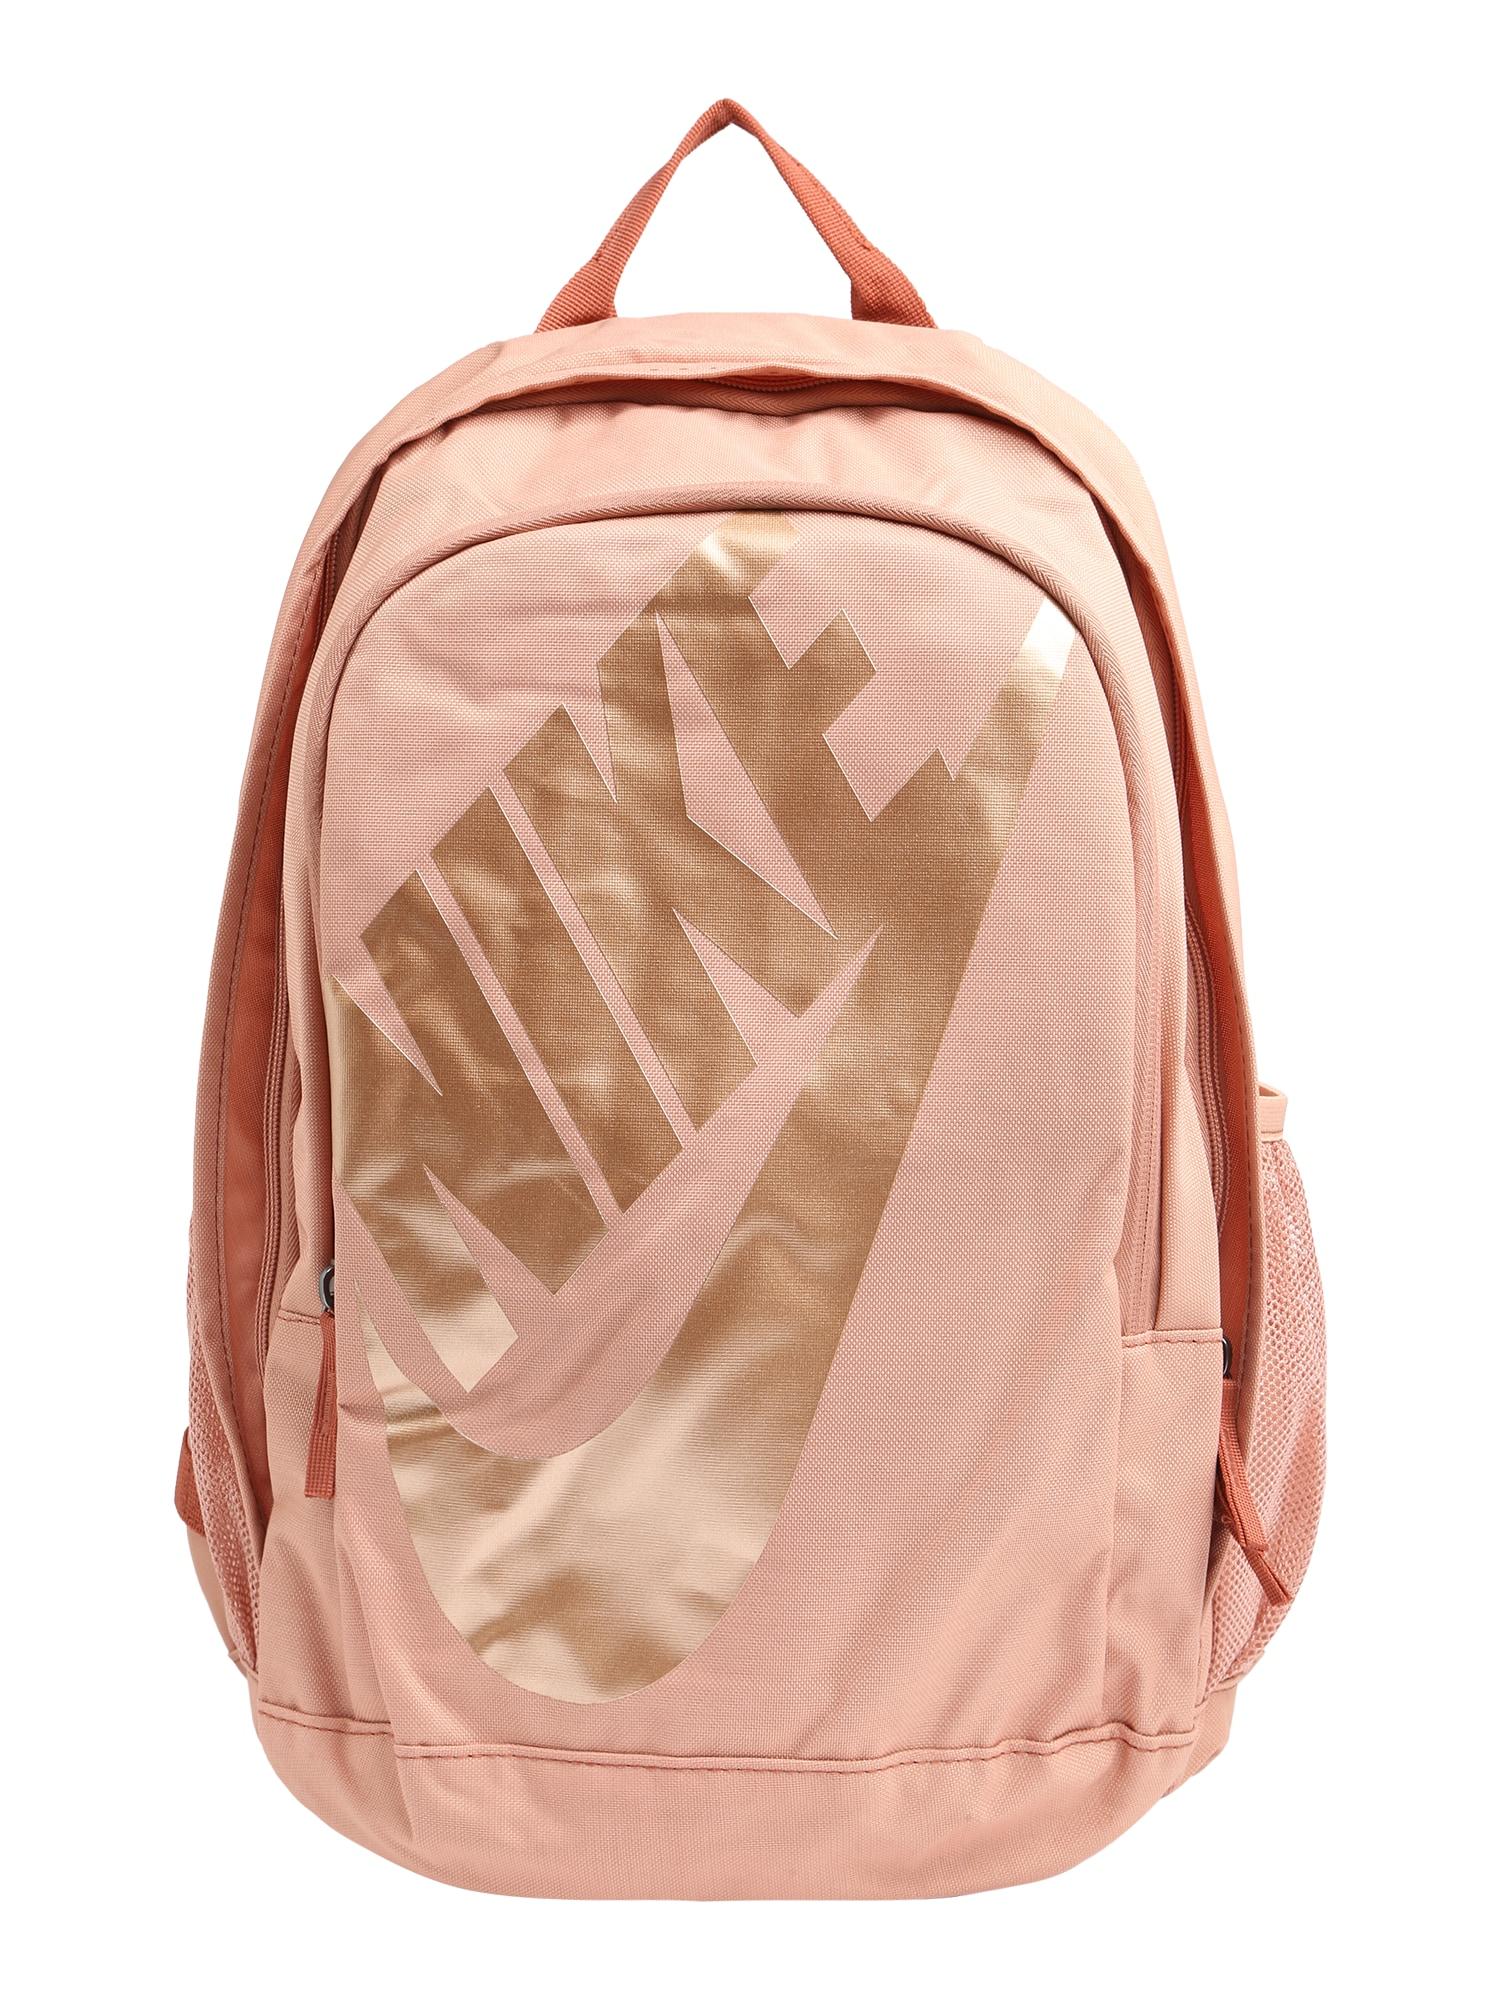 Batoh HAYWARD FUTURA růže Nike Sportswear